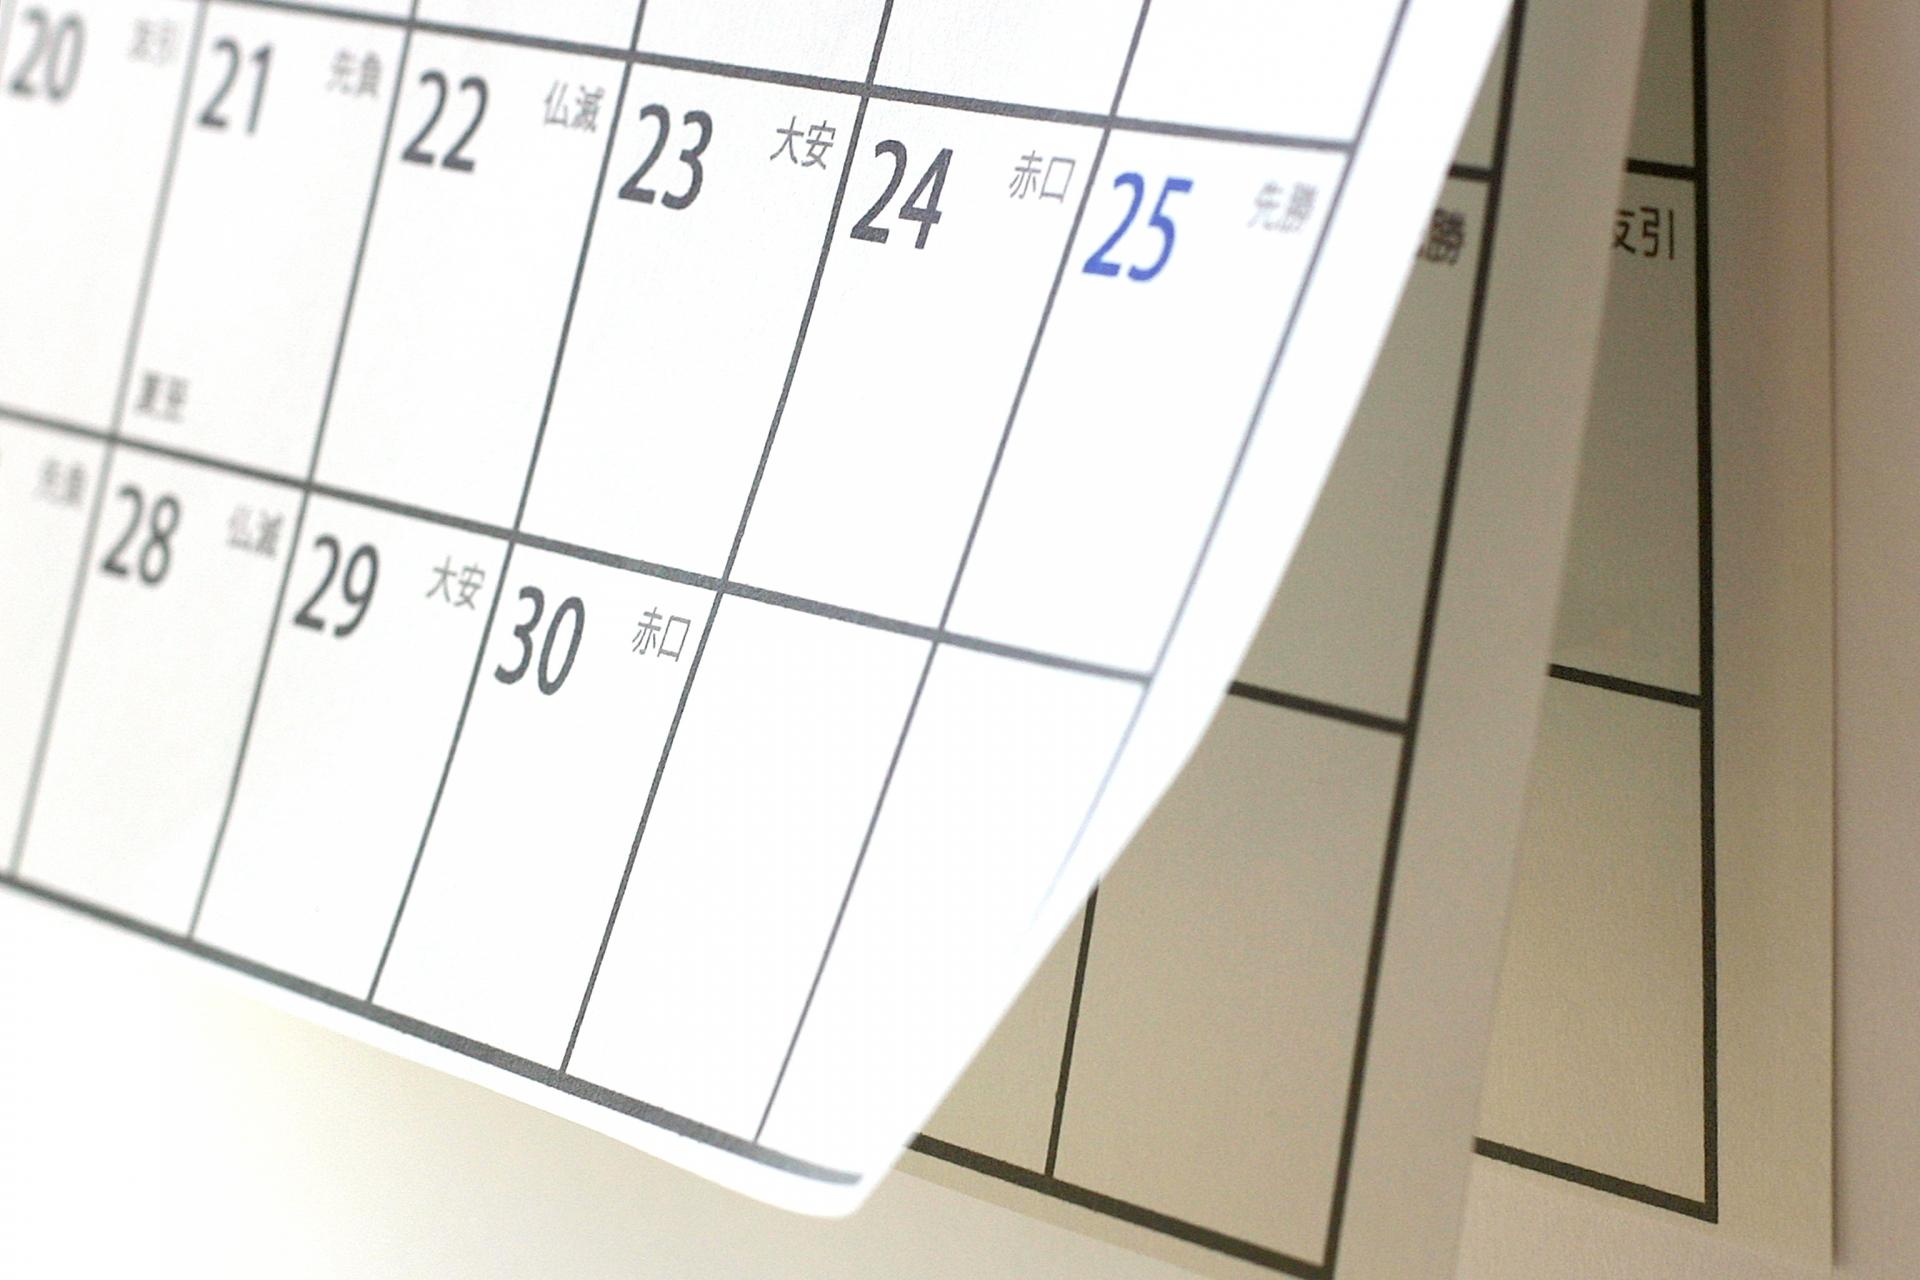 税理士の年間スケジュール~税理士の繁忙期はいつ?~